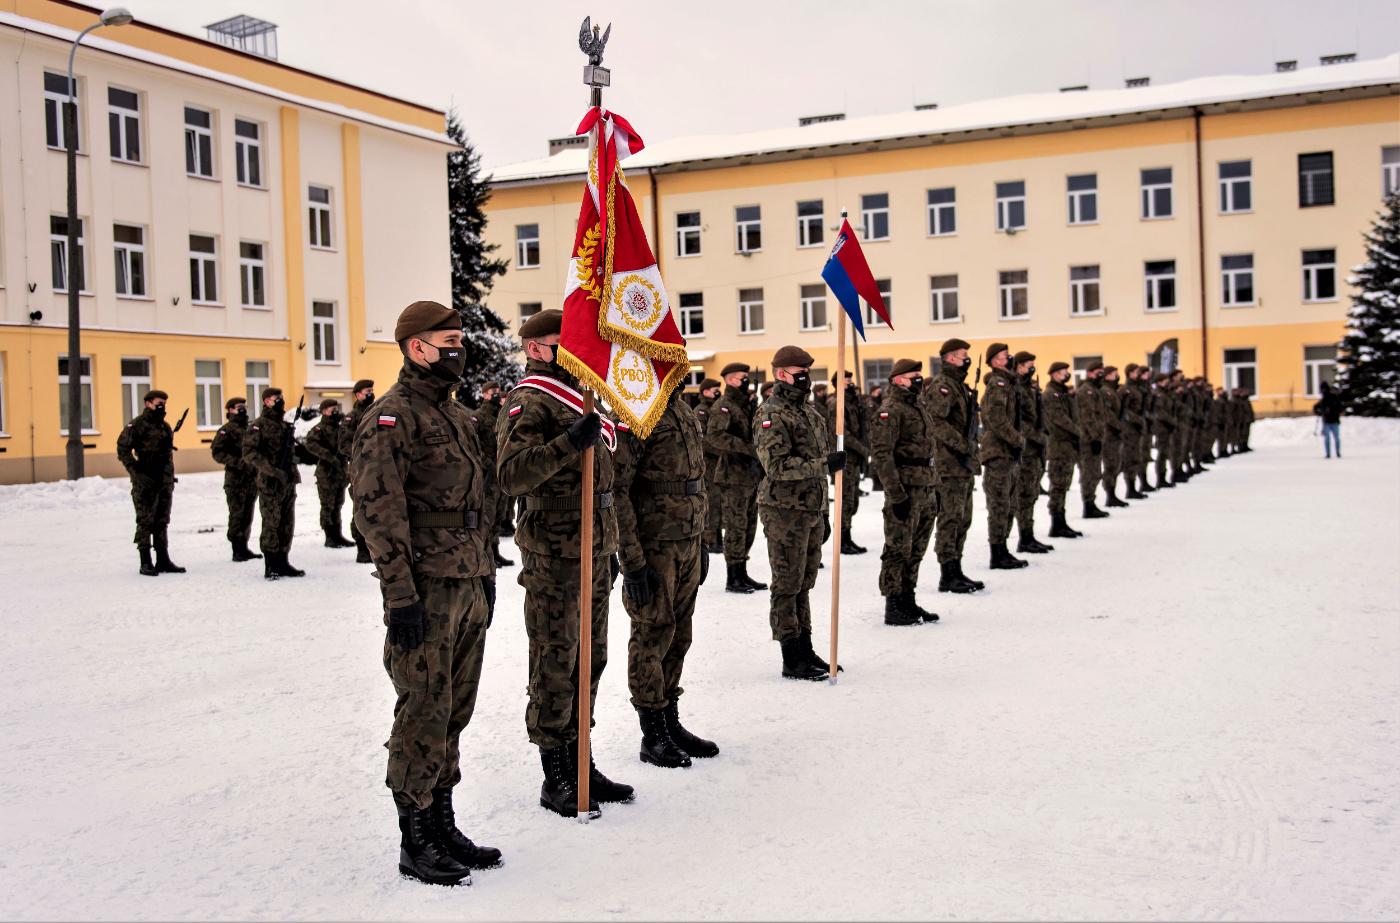 Terytorialsi przysięgali w Rzeszowie [ZDJĘCIA] - Zdjęcie główne